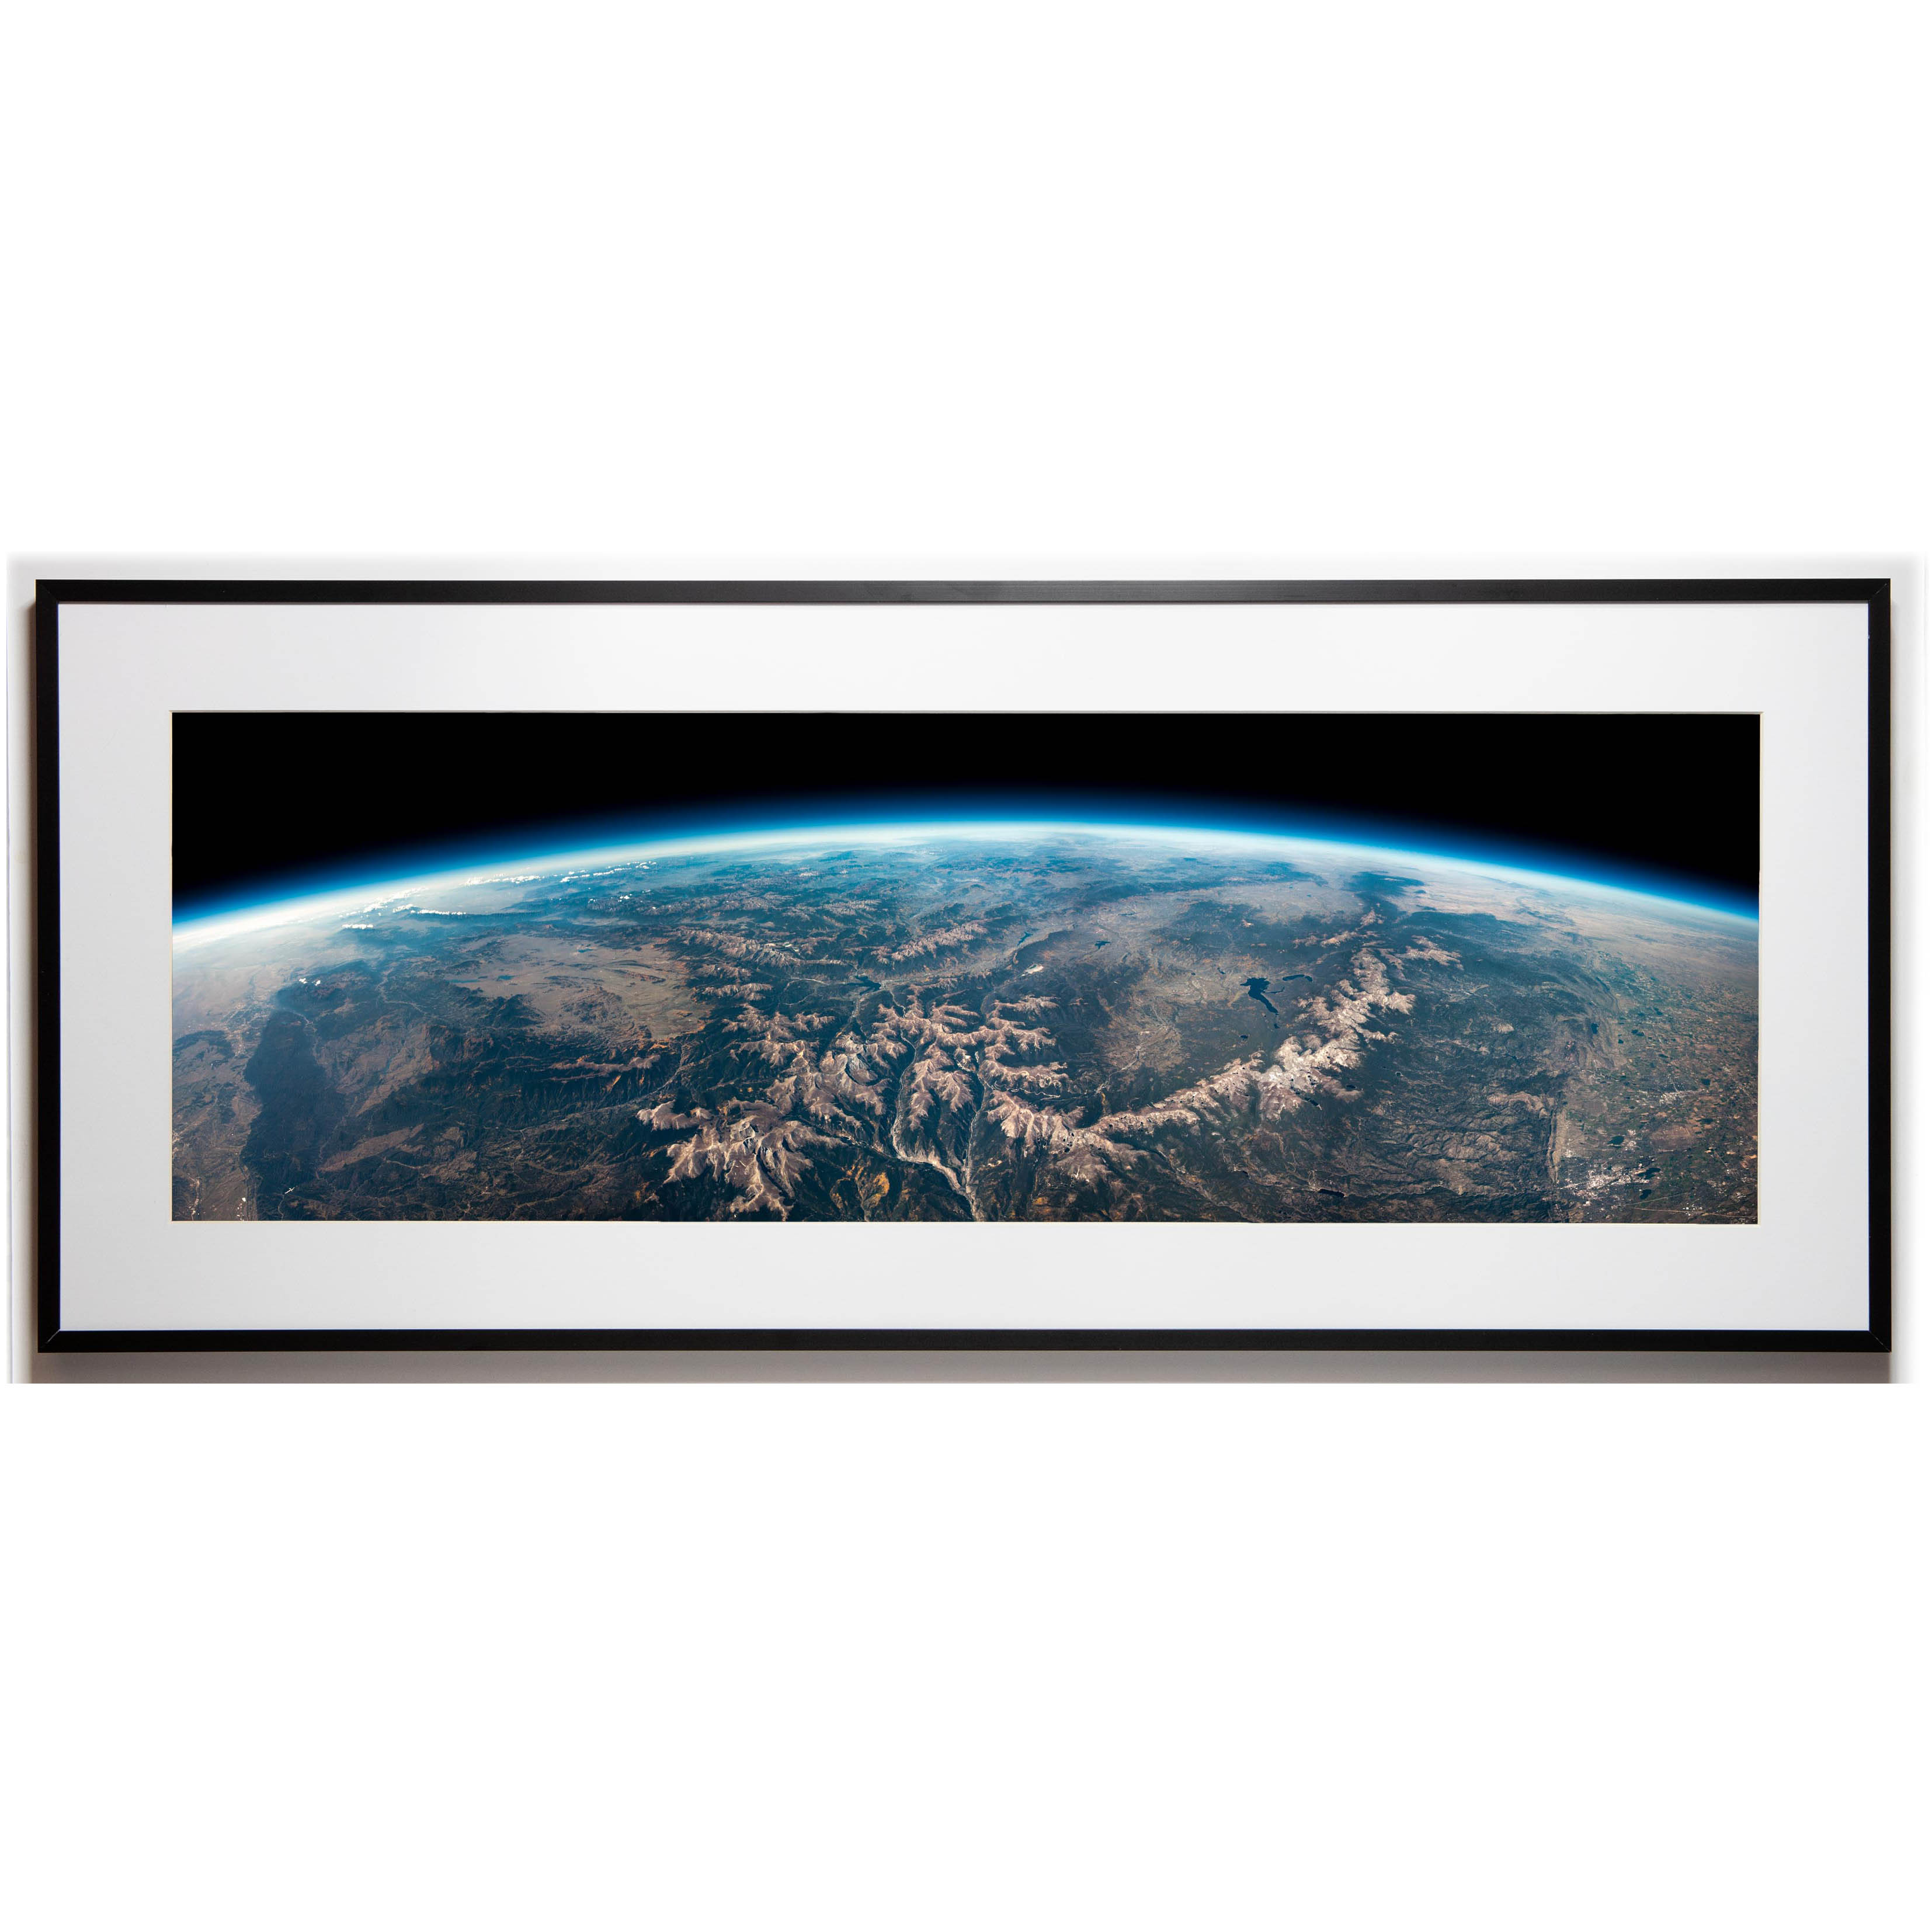 Cullis 10x30 framed - Colorado cropped